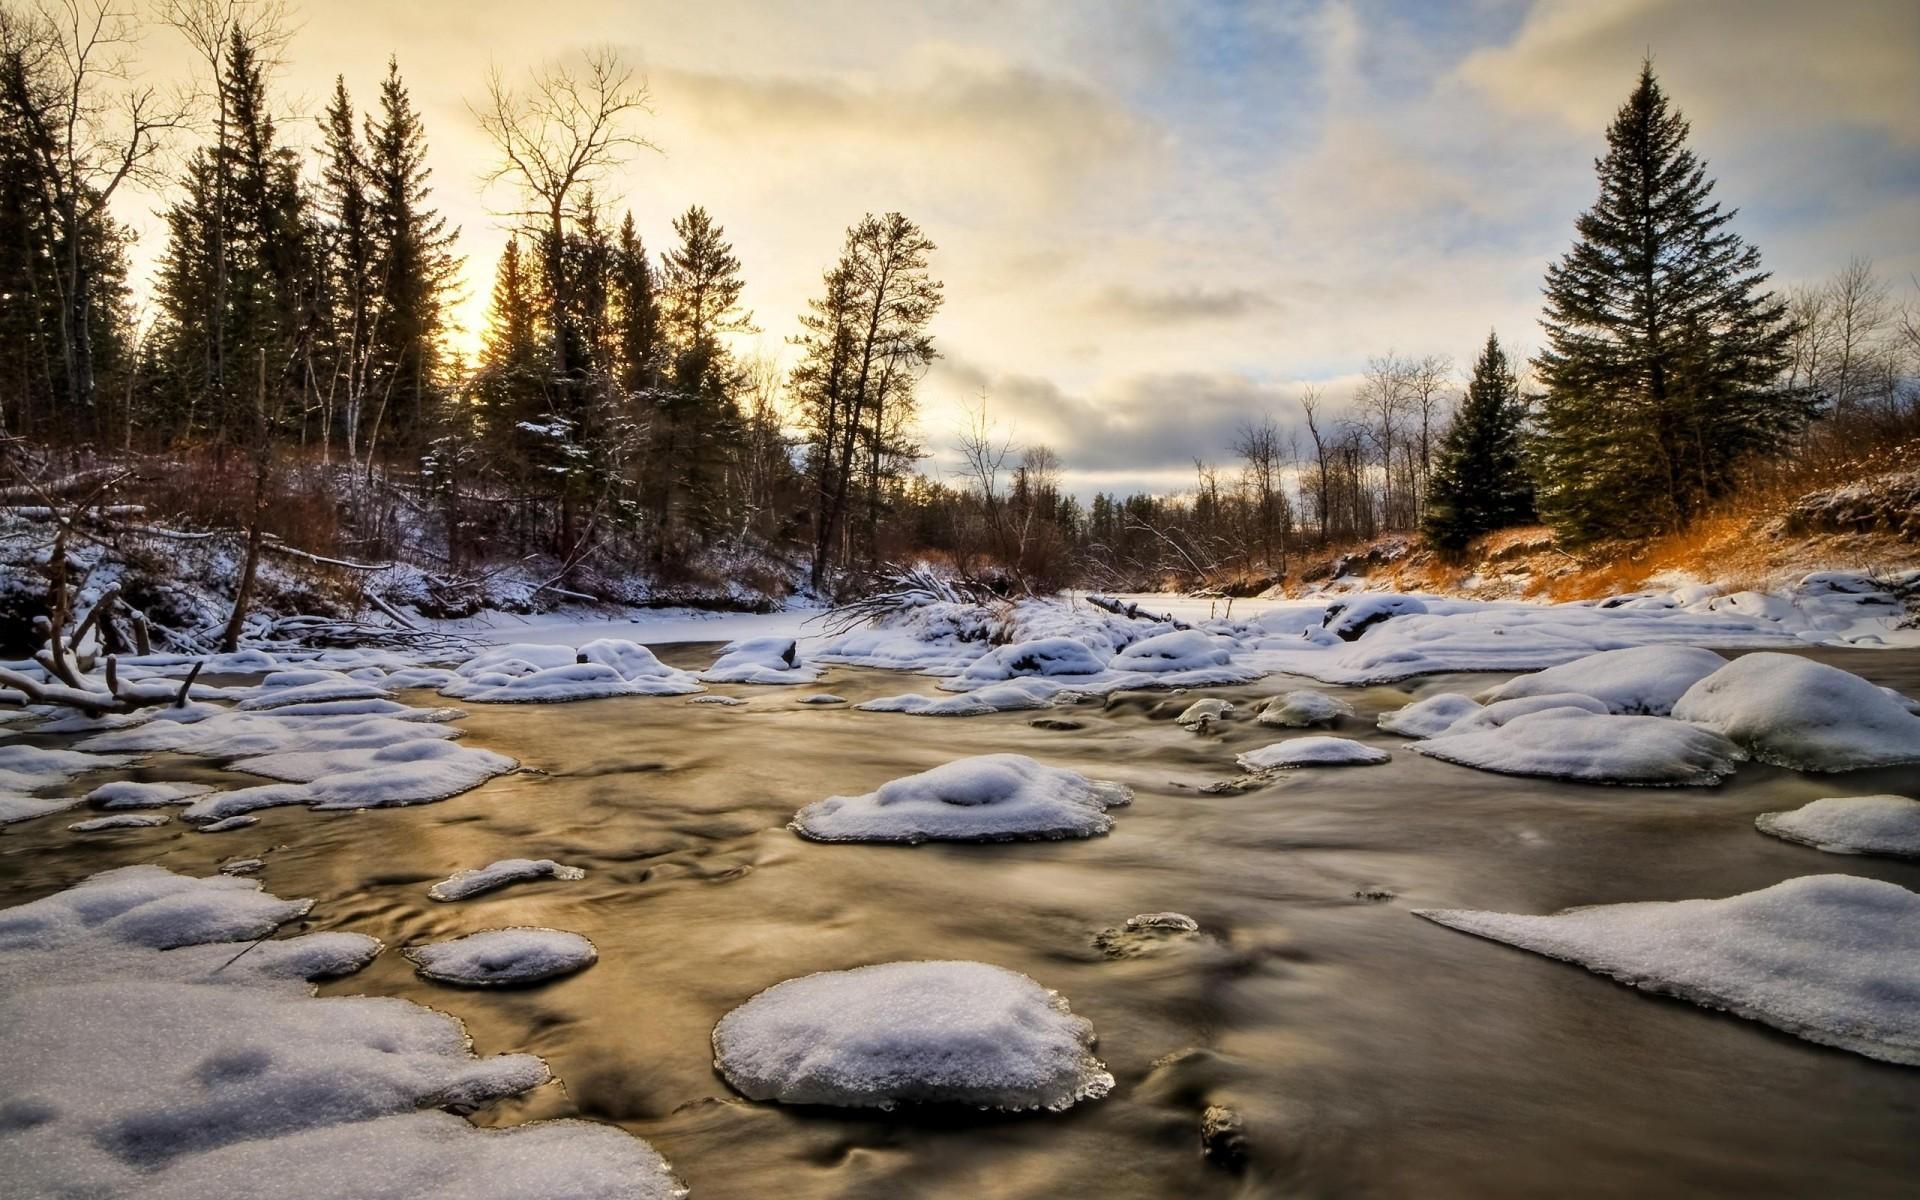 22978 скачать обои Пейзаж, Зима, Река, Деревья, Снег - заставки и картинки бесплатно